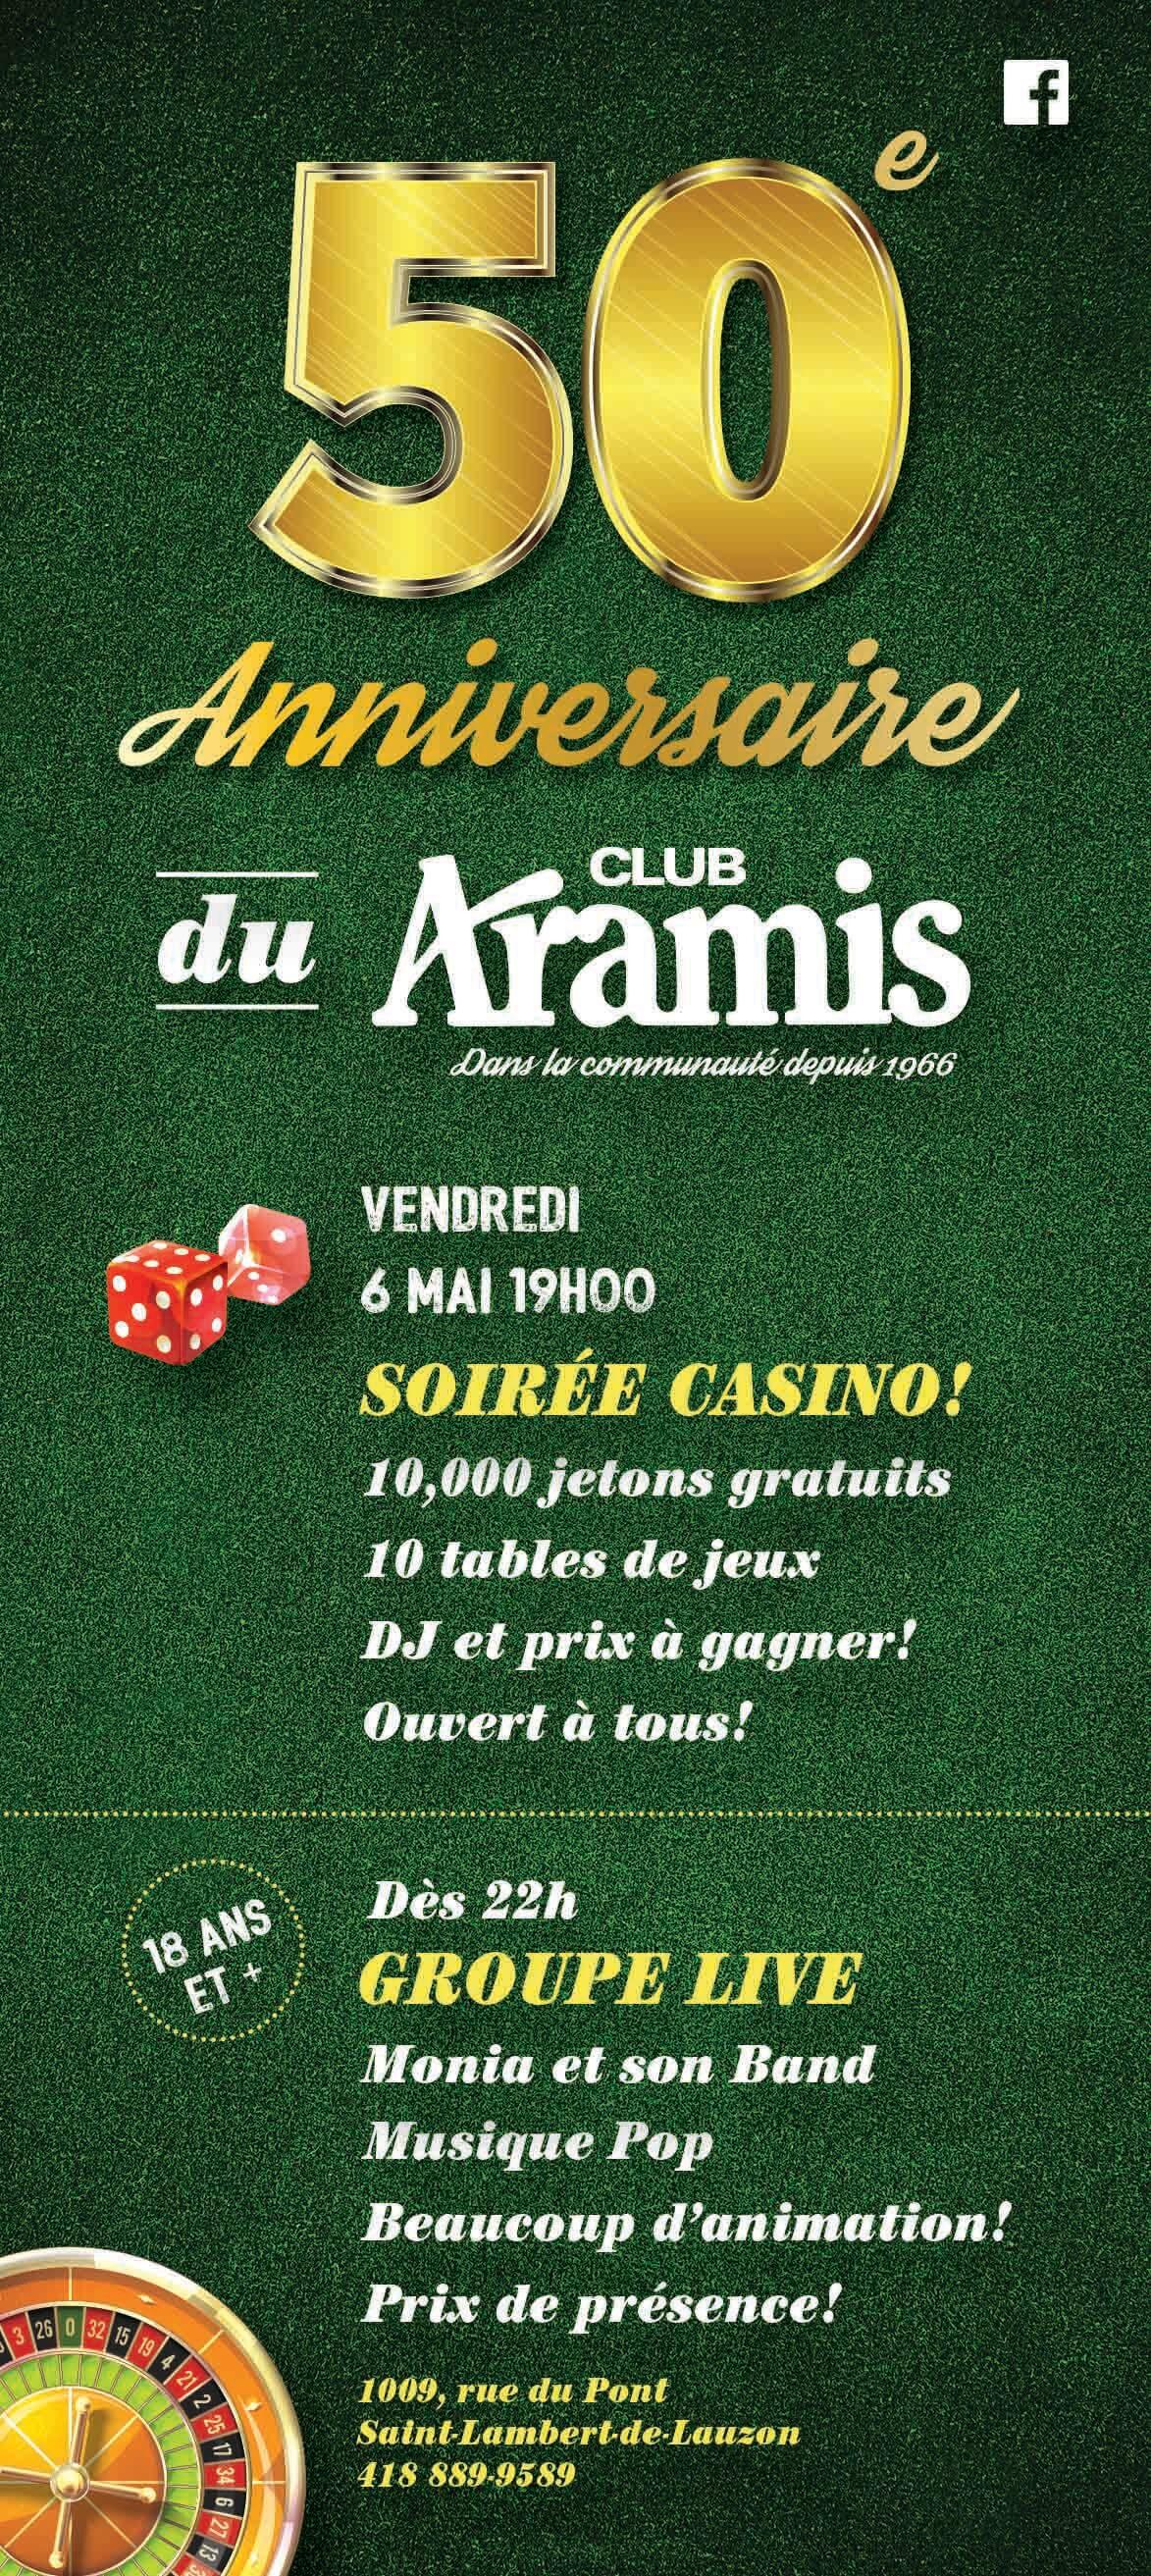 front-flyers-50e-club-aramis-graphisme-levis